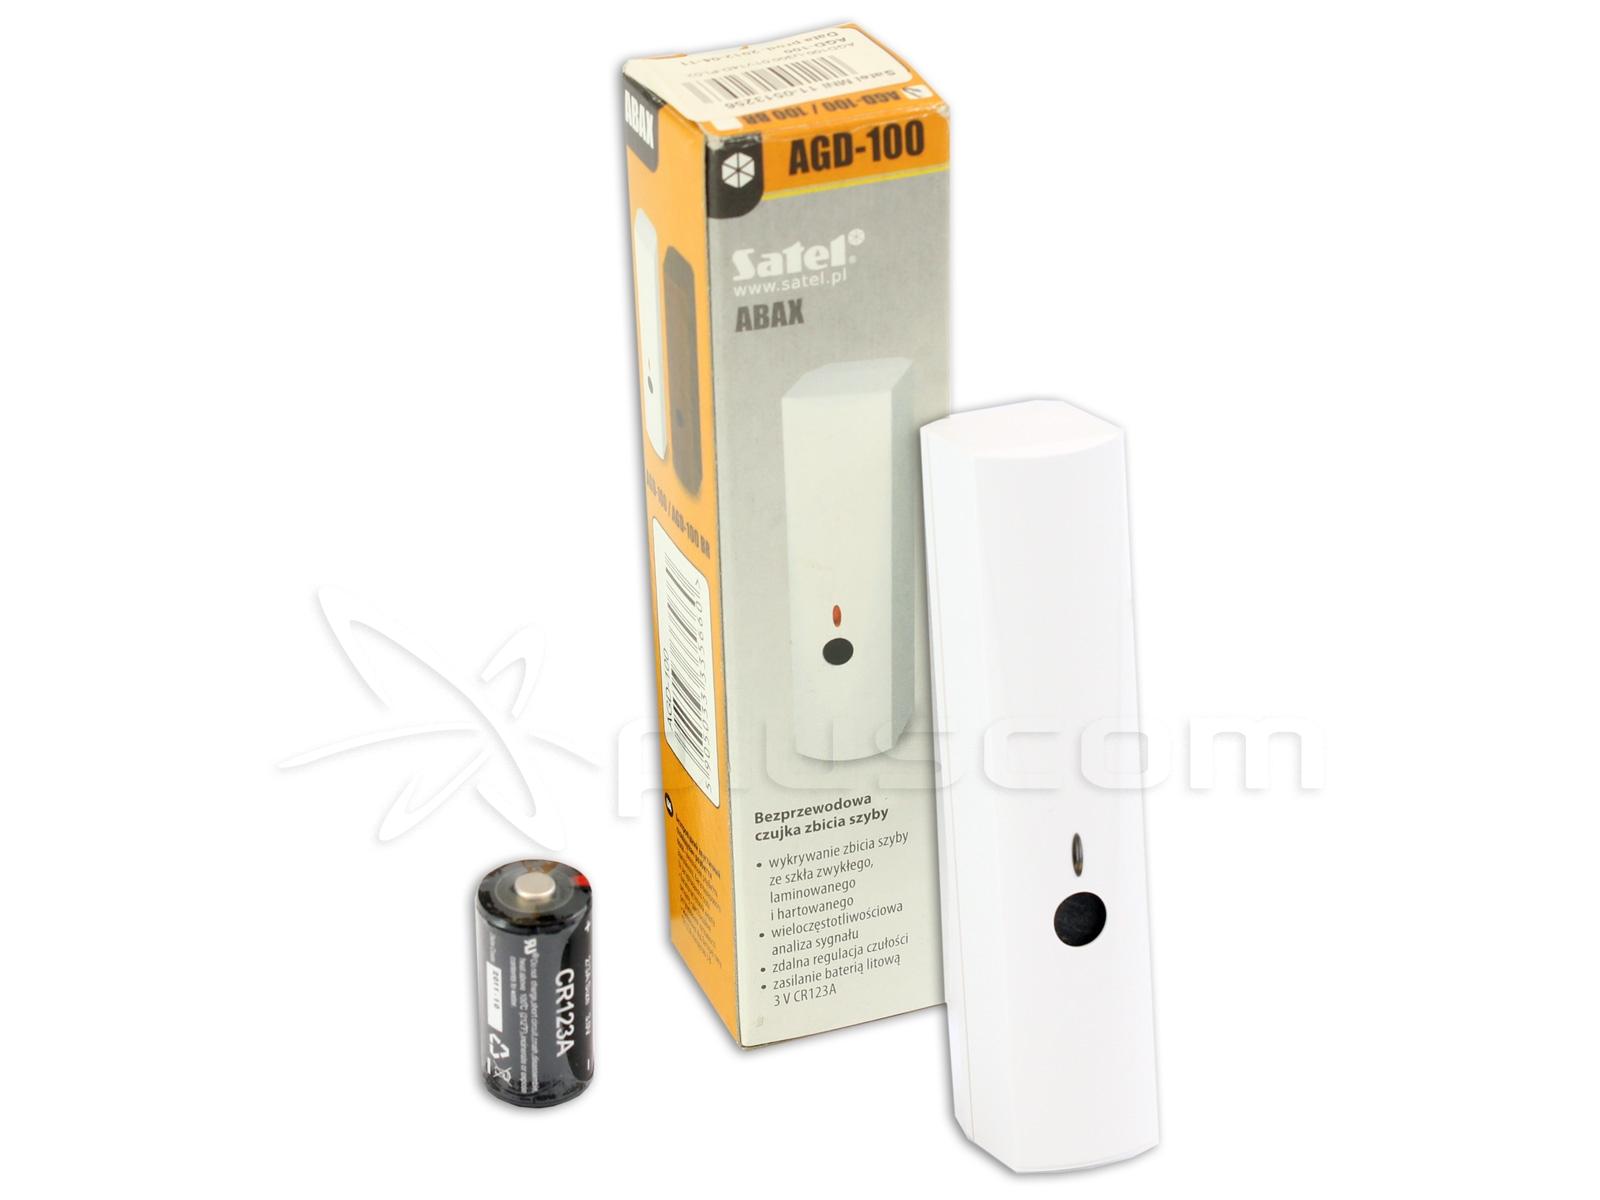 Satel Agd 100 Wireless Glassbreak Detector